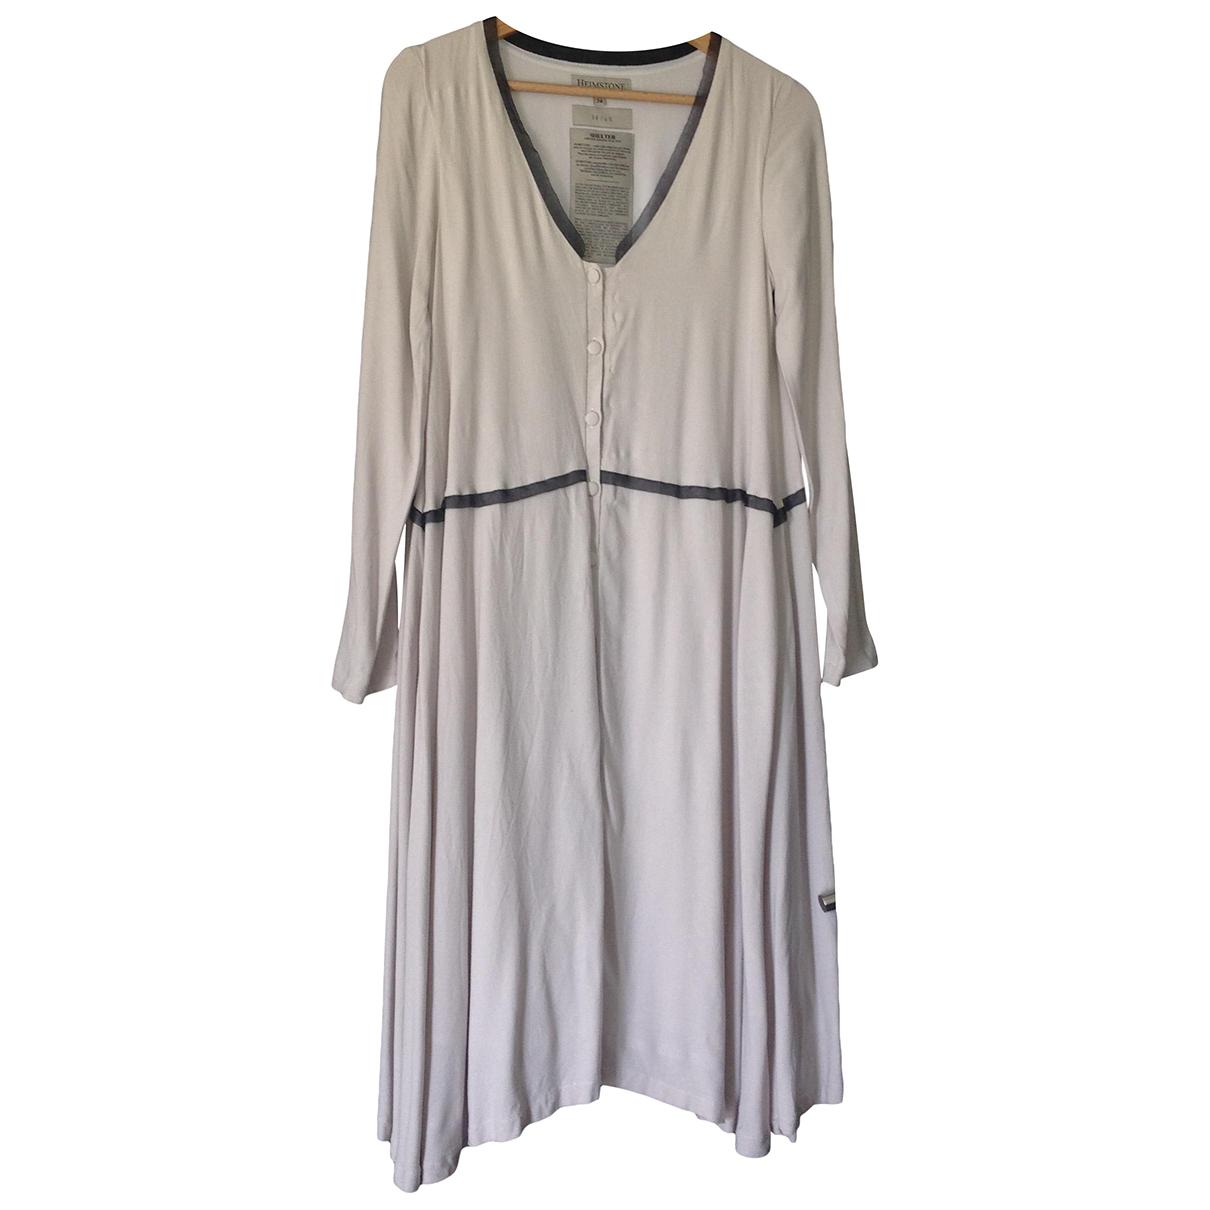 Heimstone \N Beige dress for Women 34 FR